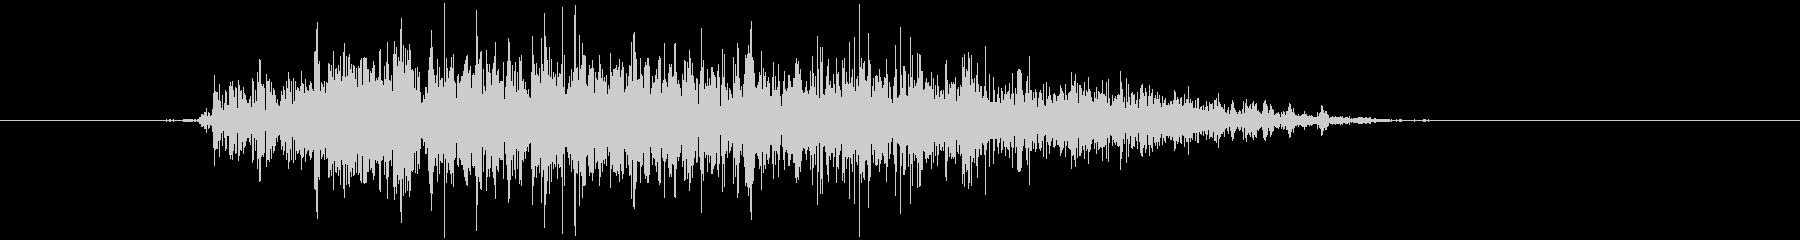 大型モンスターの声 ダメージ グアッ Sの未再生の波形